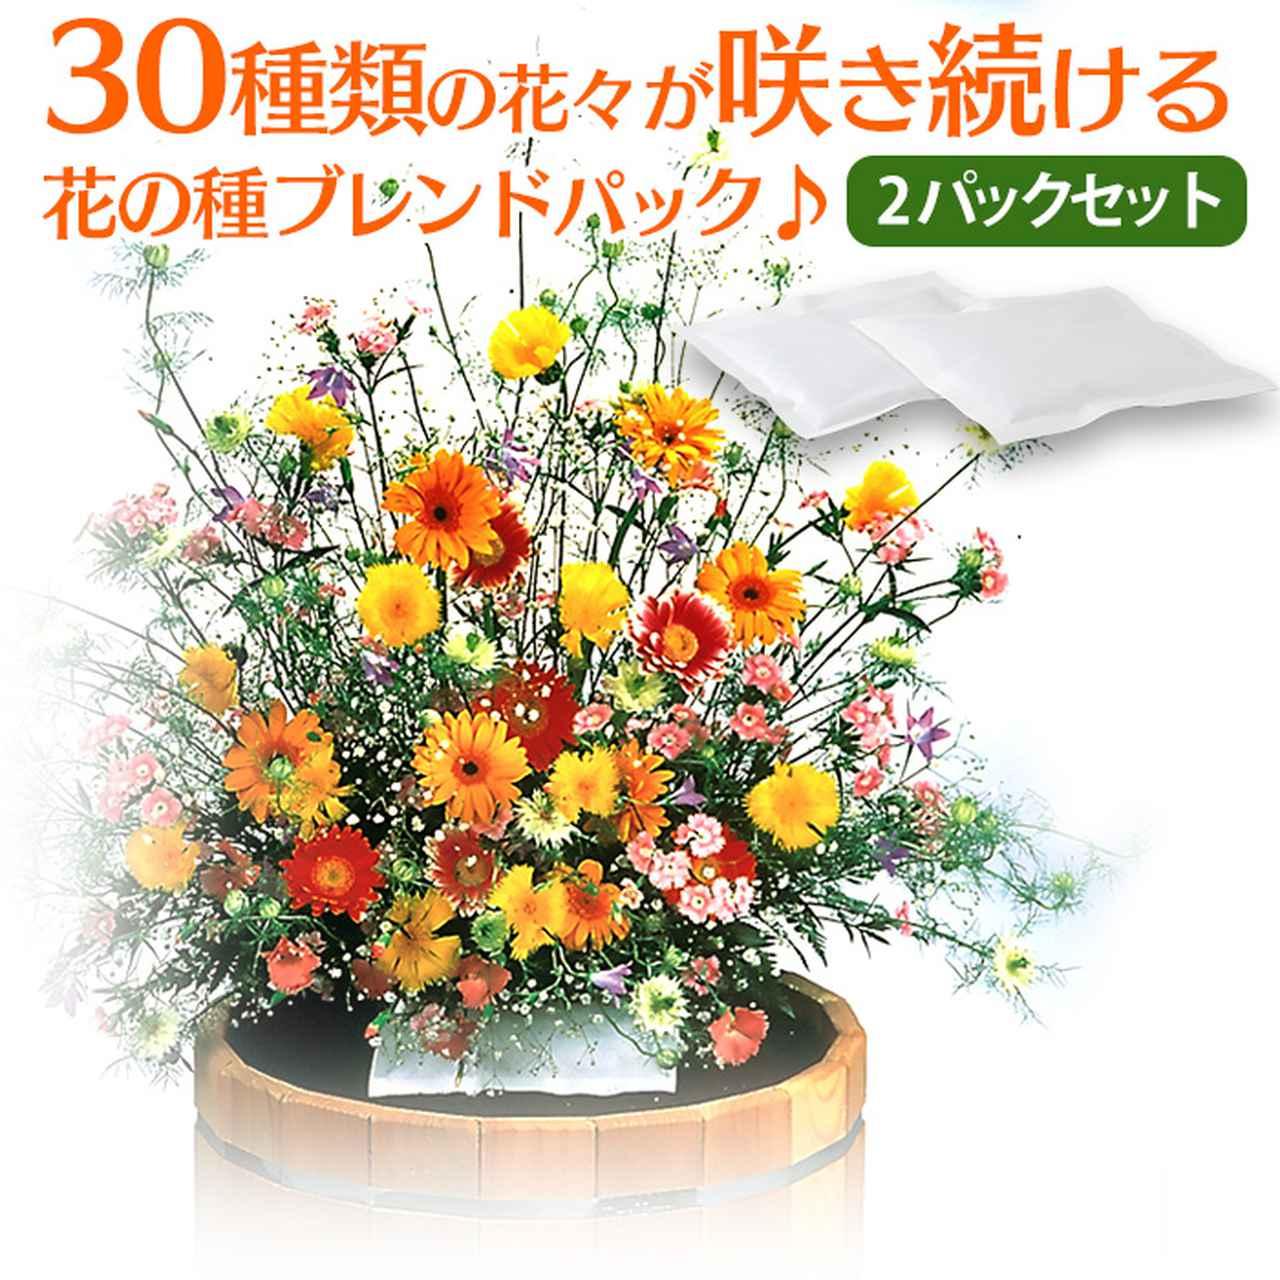 画像: 花の種ブレンドパック